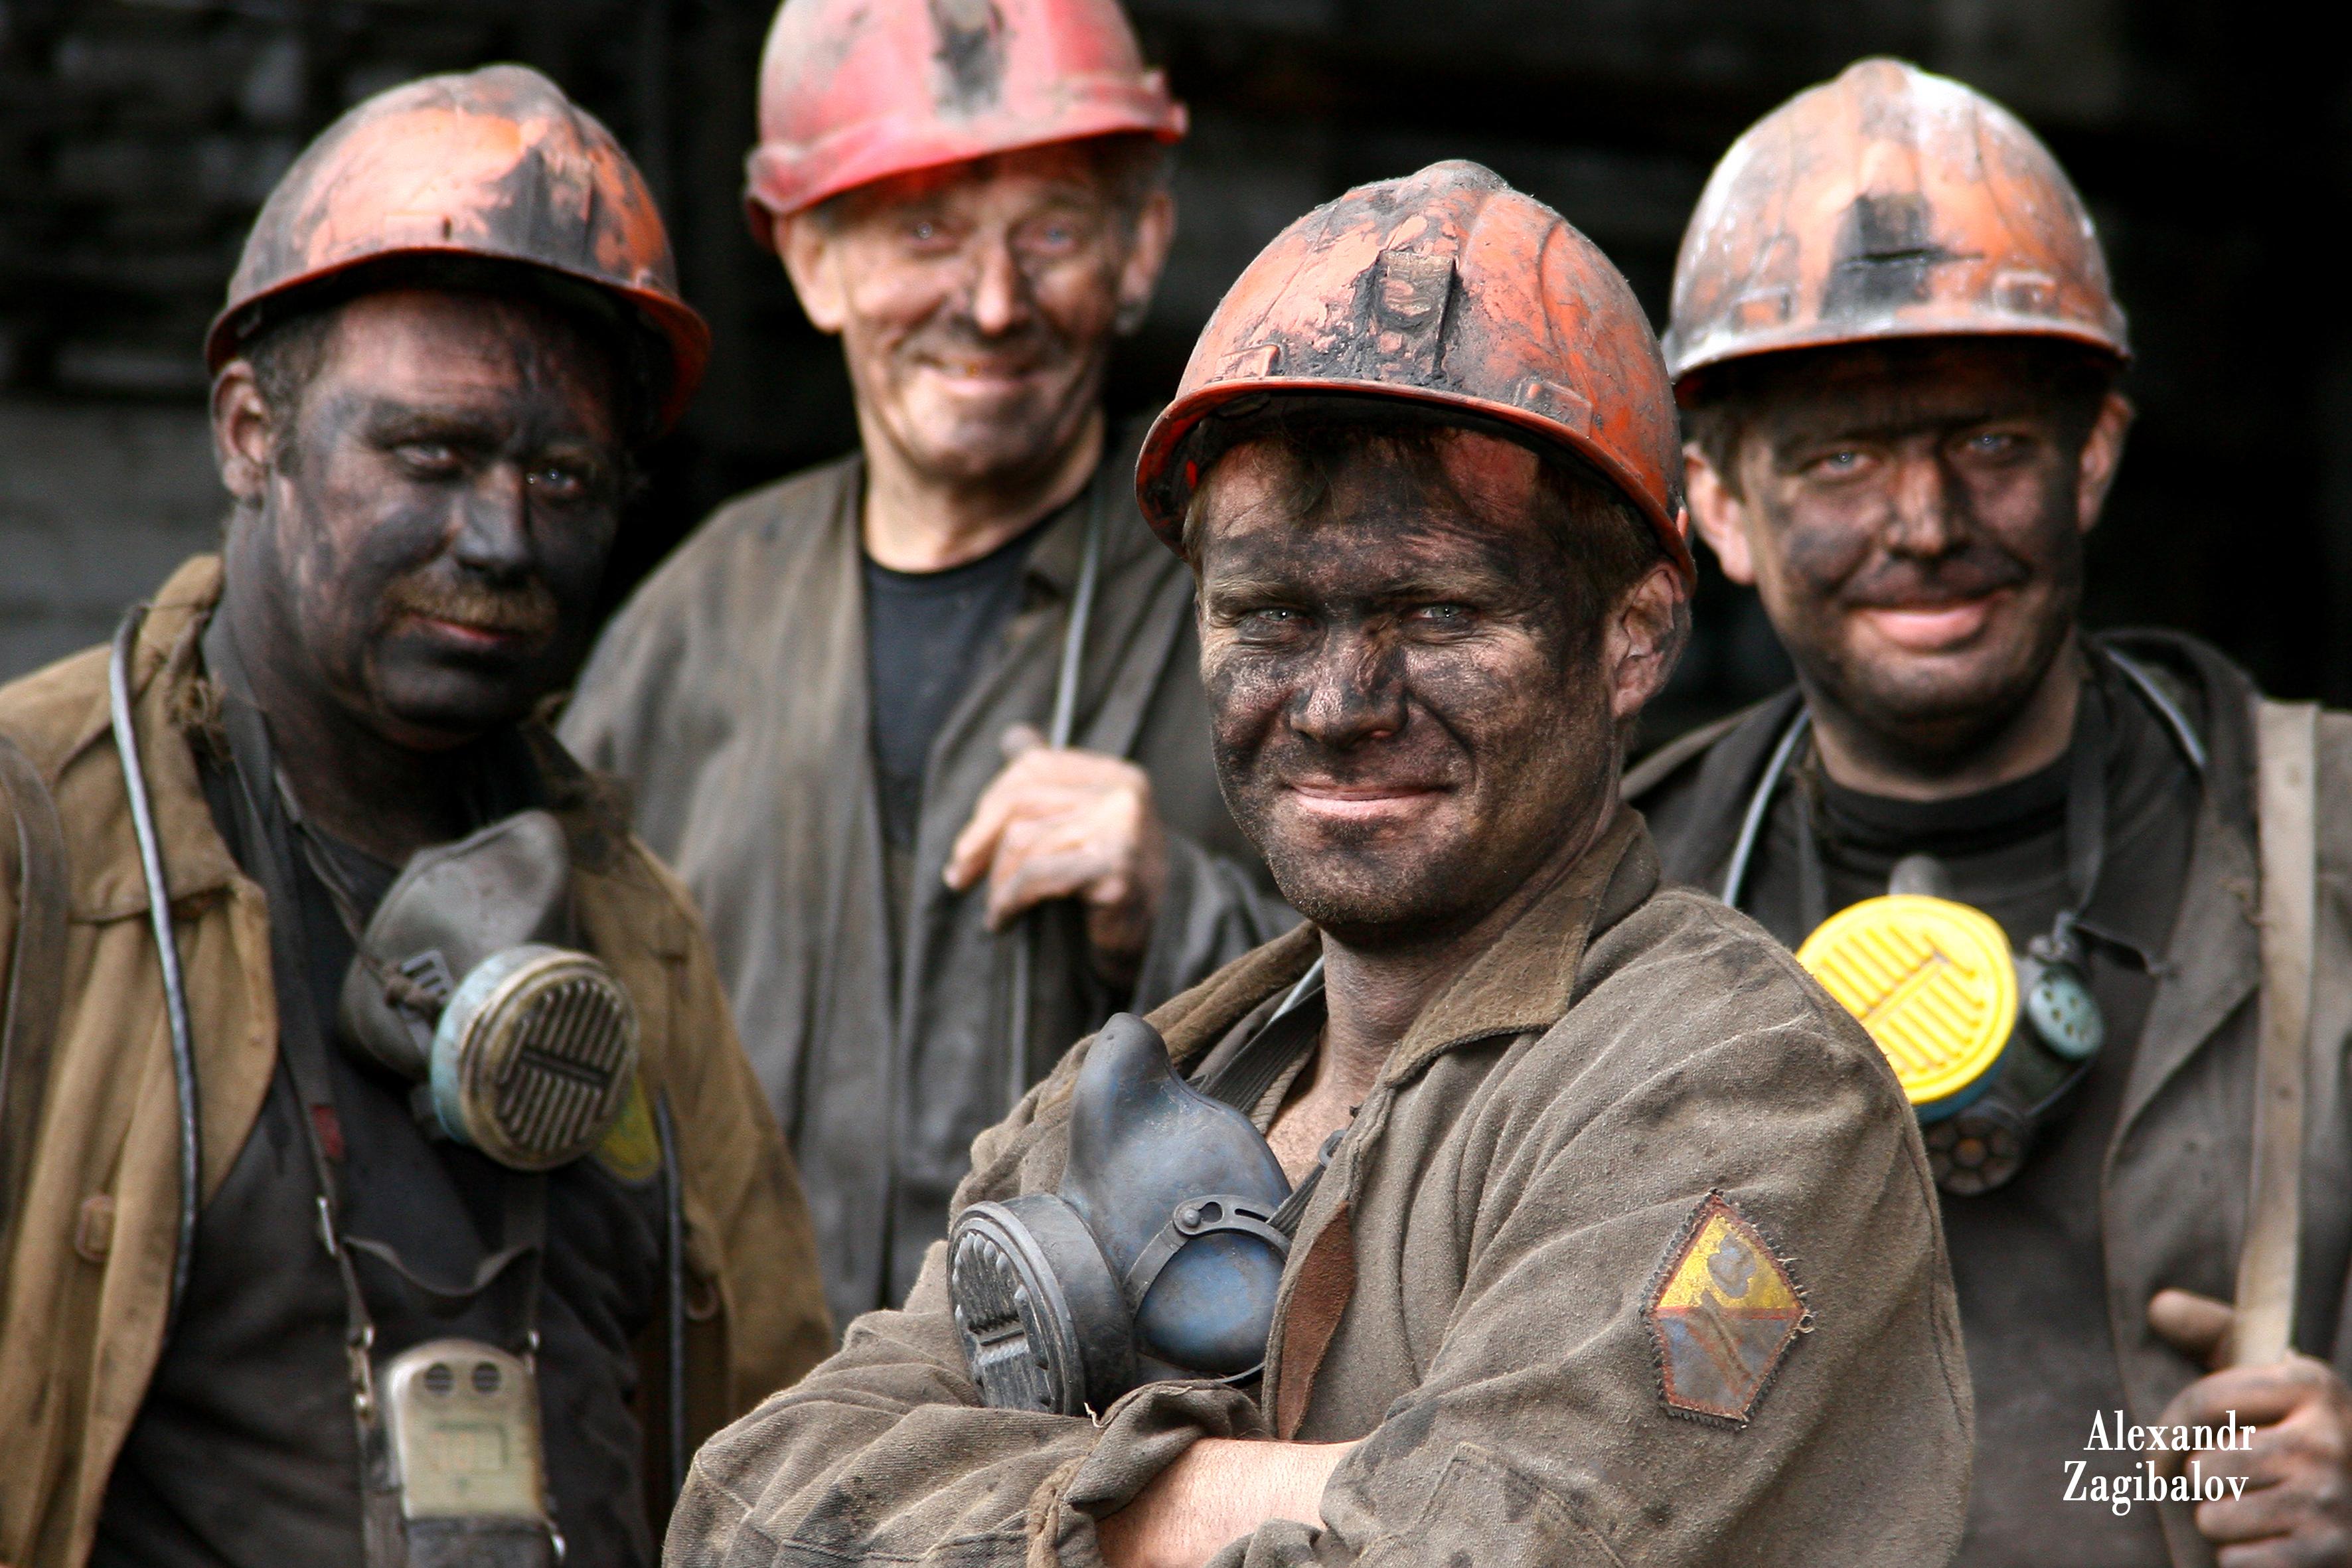 Белые ретро, прикольные картинки с шахтерами